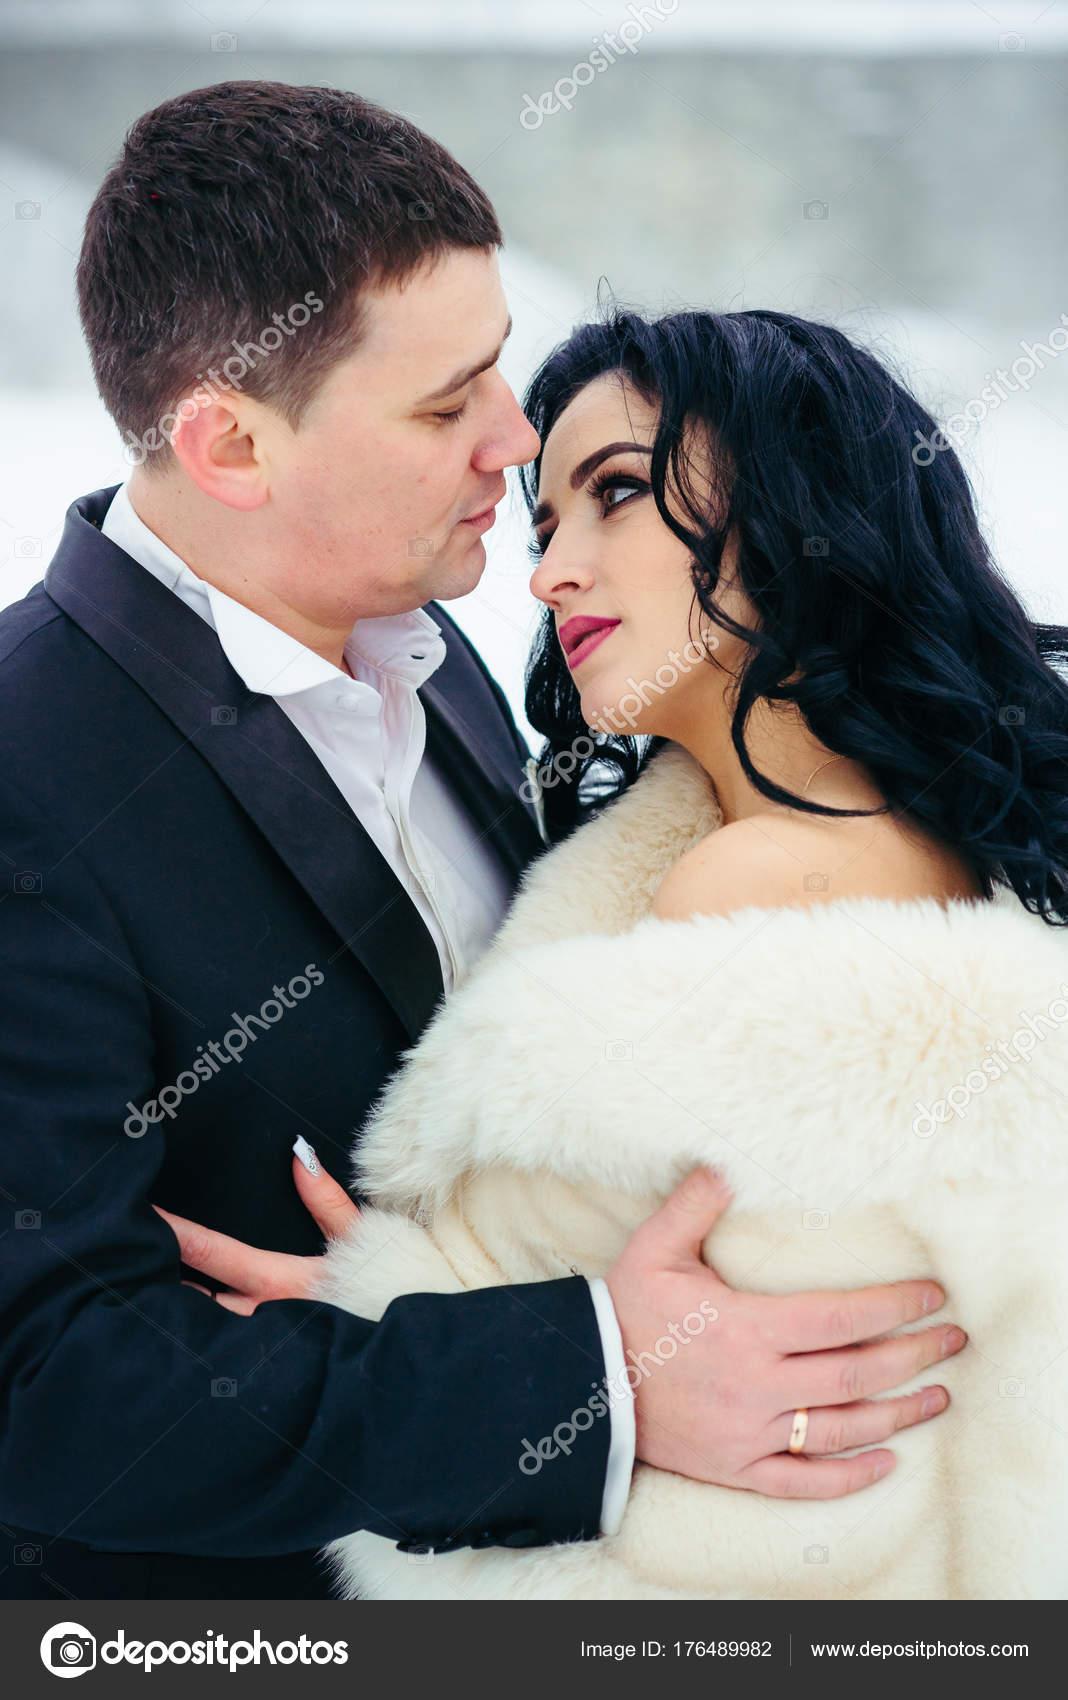 571d188988b Verticale di lunghezza mezza ritratto sposi coppia cerca occhi gara  matrimonio all'aperto inverno Natale